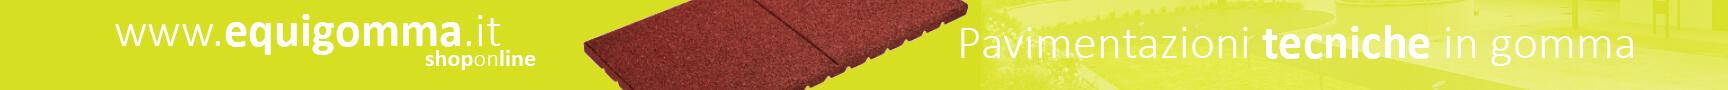 Equigomma - pavimentazioni tecniche in gomma